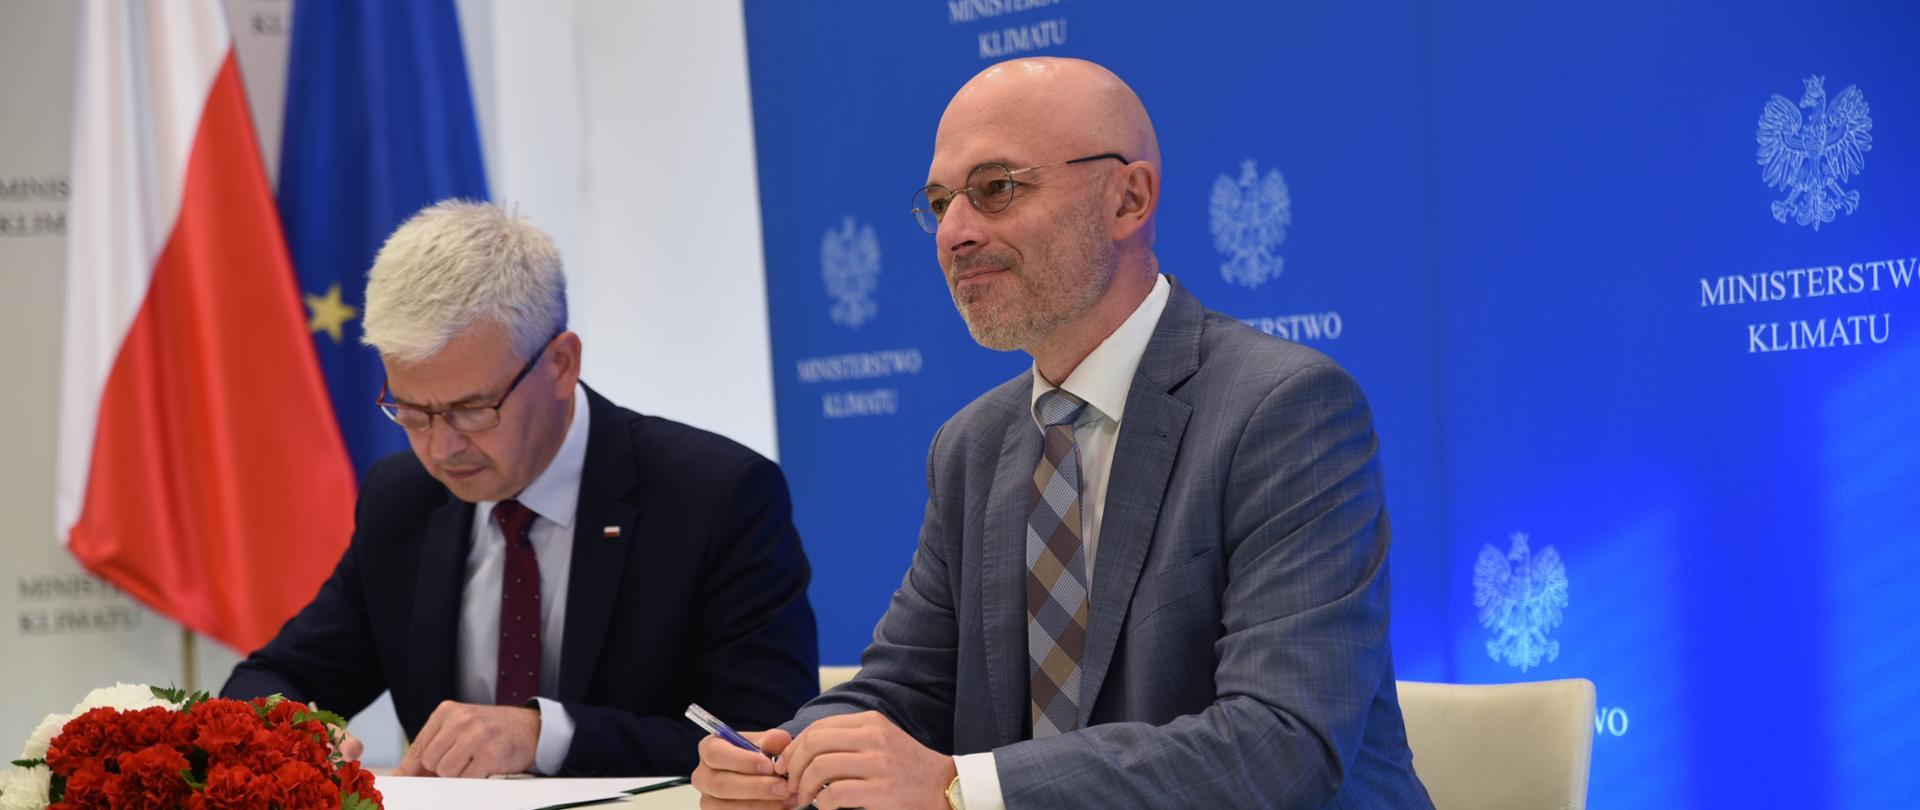 Minister klimatu Michał Kurtyka oraz wiceminister klimatu Ireneusz Zyska podczas podpisania Listu intencyjnego o ustanowieniu partnerstwa na rzecz rozwoju przemysłu fotowoltaicznego